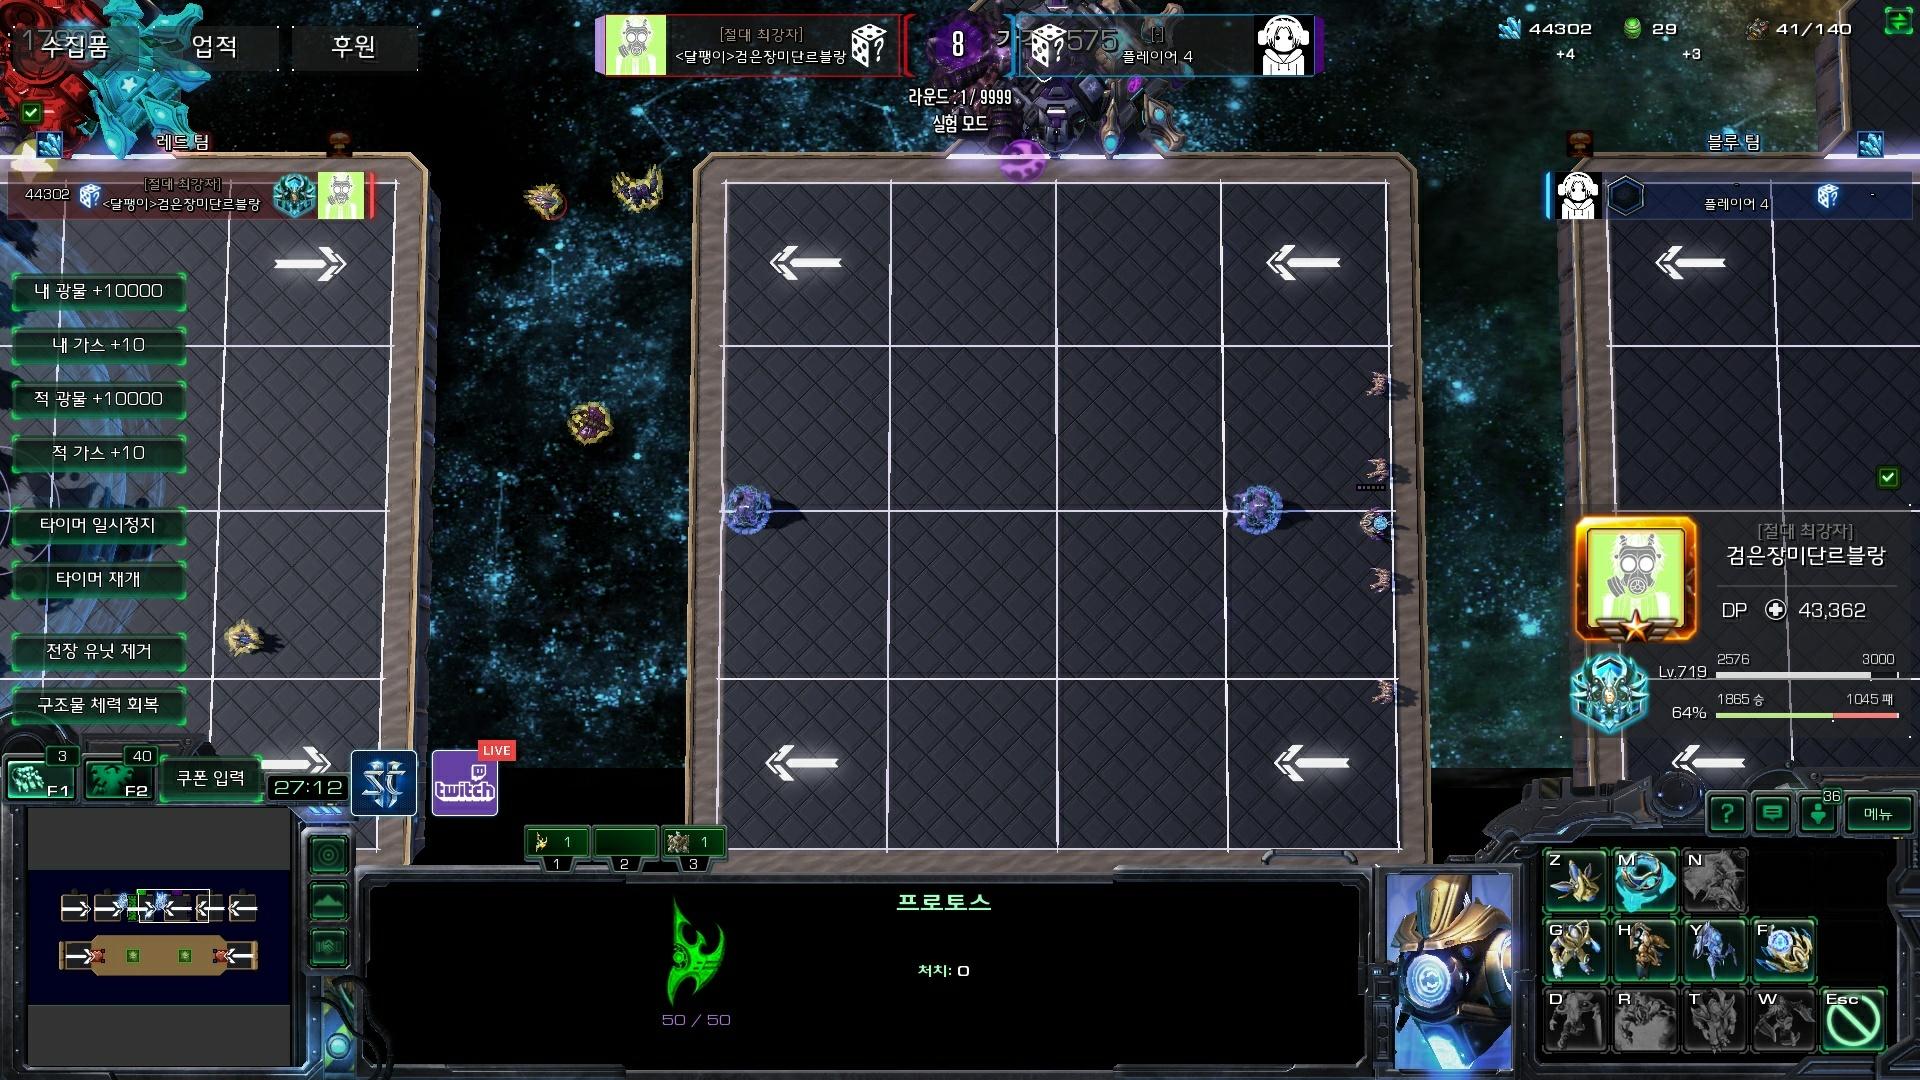 Screenshot2020-02-06 16_46_57.jpg